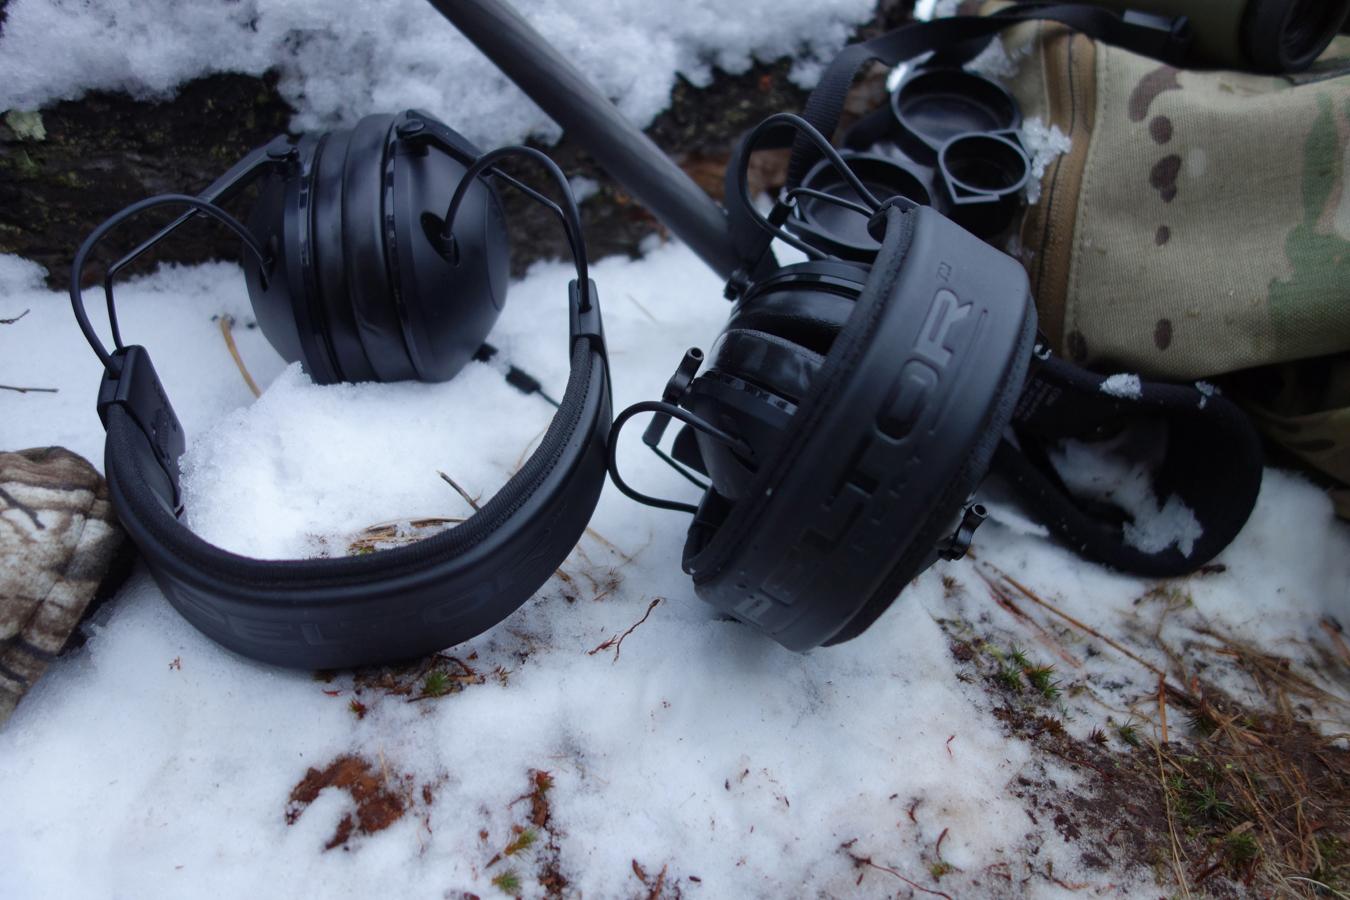 Peltor Tactical 100 on deer hunt